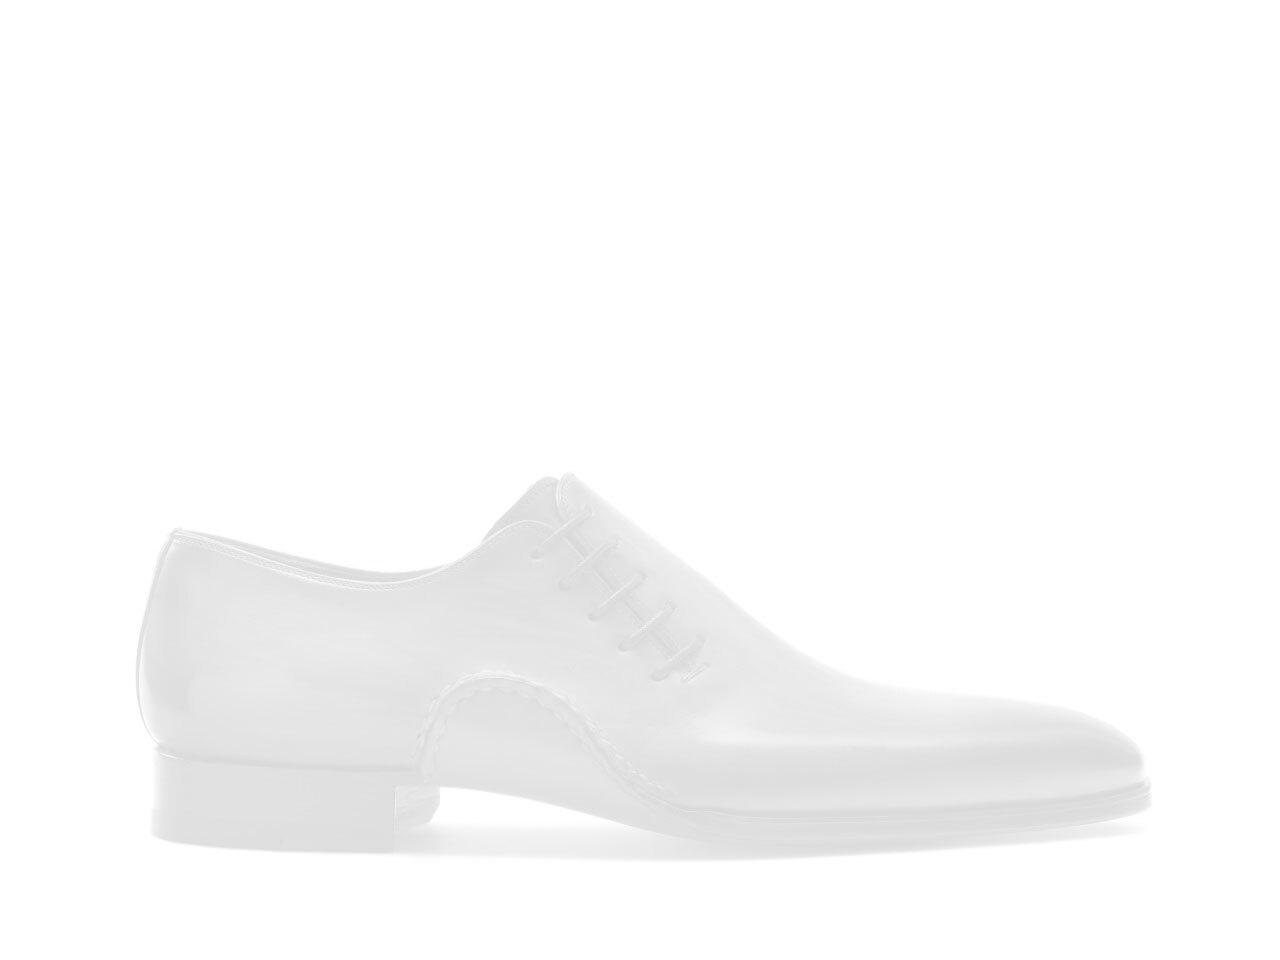 Side view of the Magnanni Allen Cognac Men's Comfort Dress Shoes